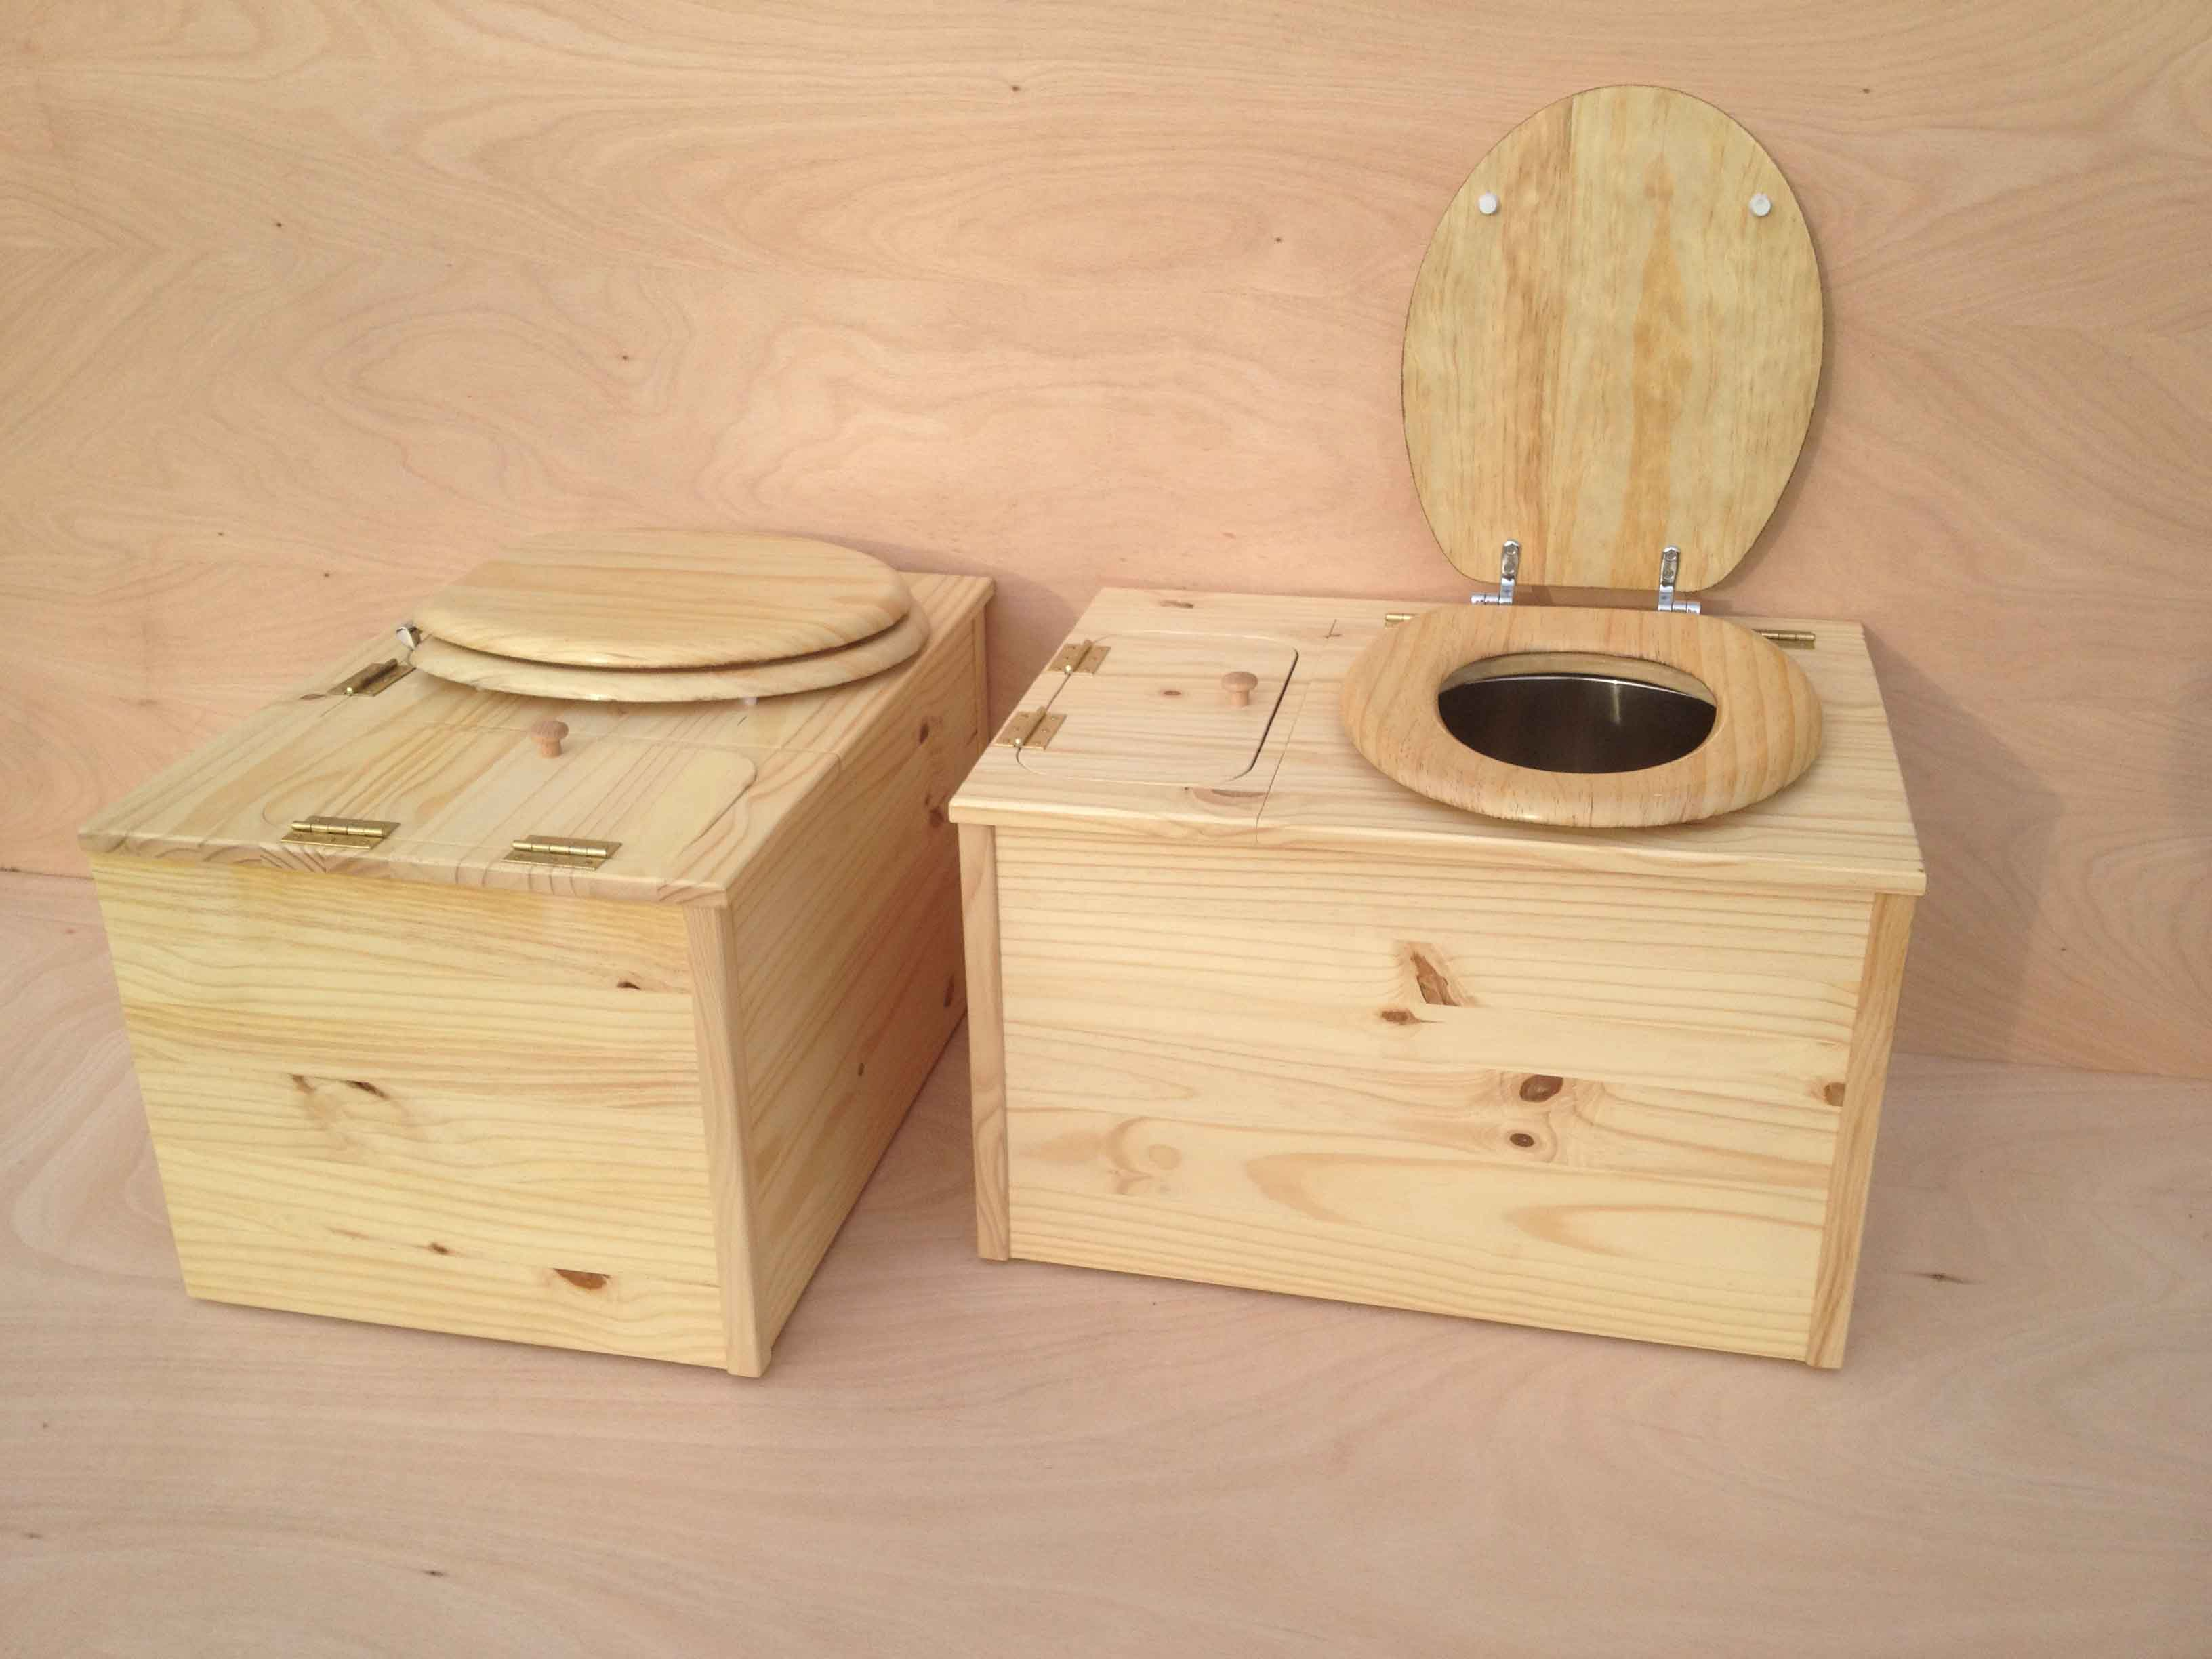 vente de toilettes s ches co 2 fabulous toilettes. Black Bedroom Furniture Sets. Home Design Ideas